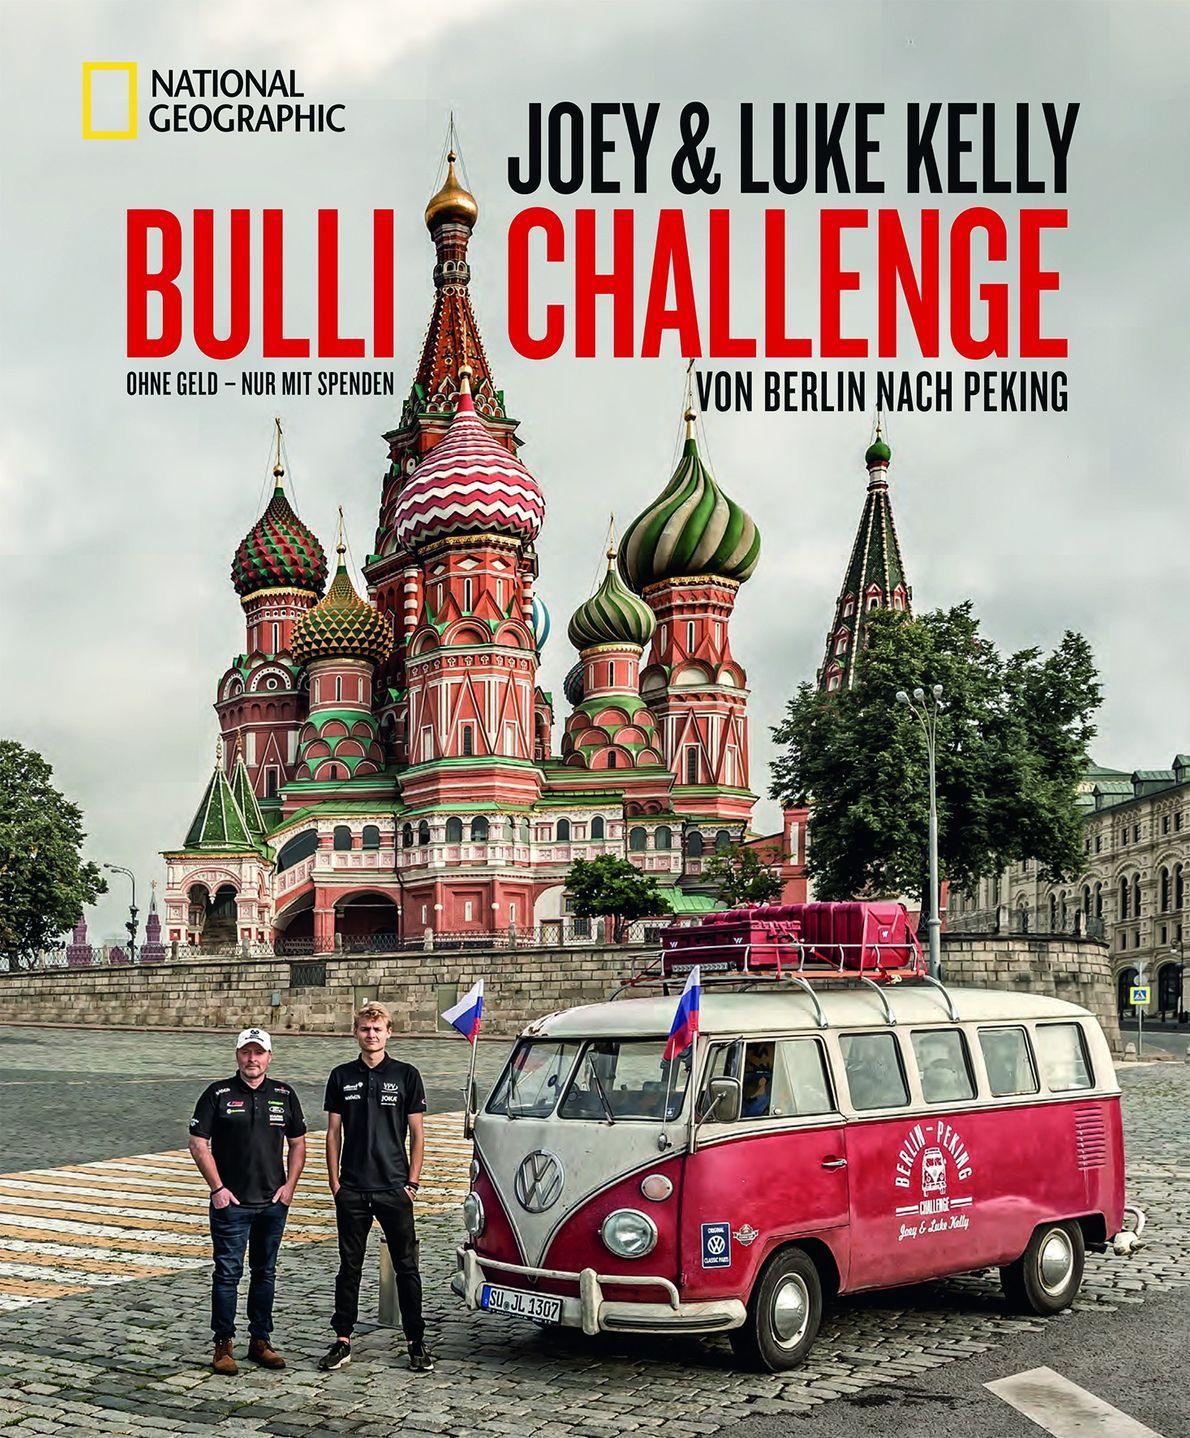 Bulli-Challenge – Von Berlin nach Peking